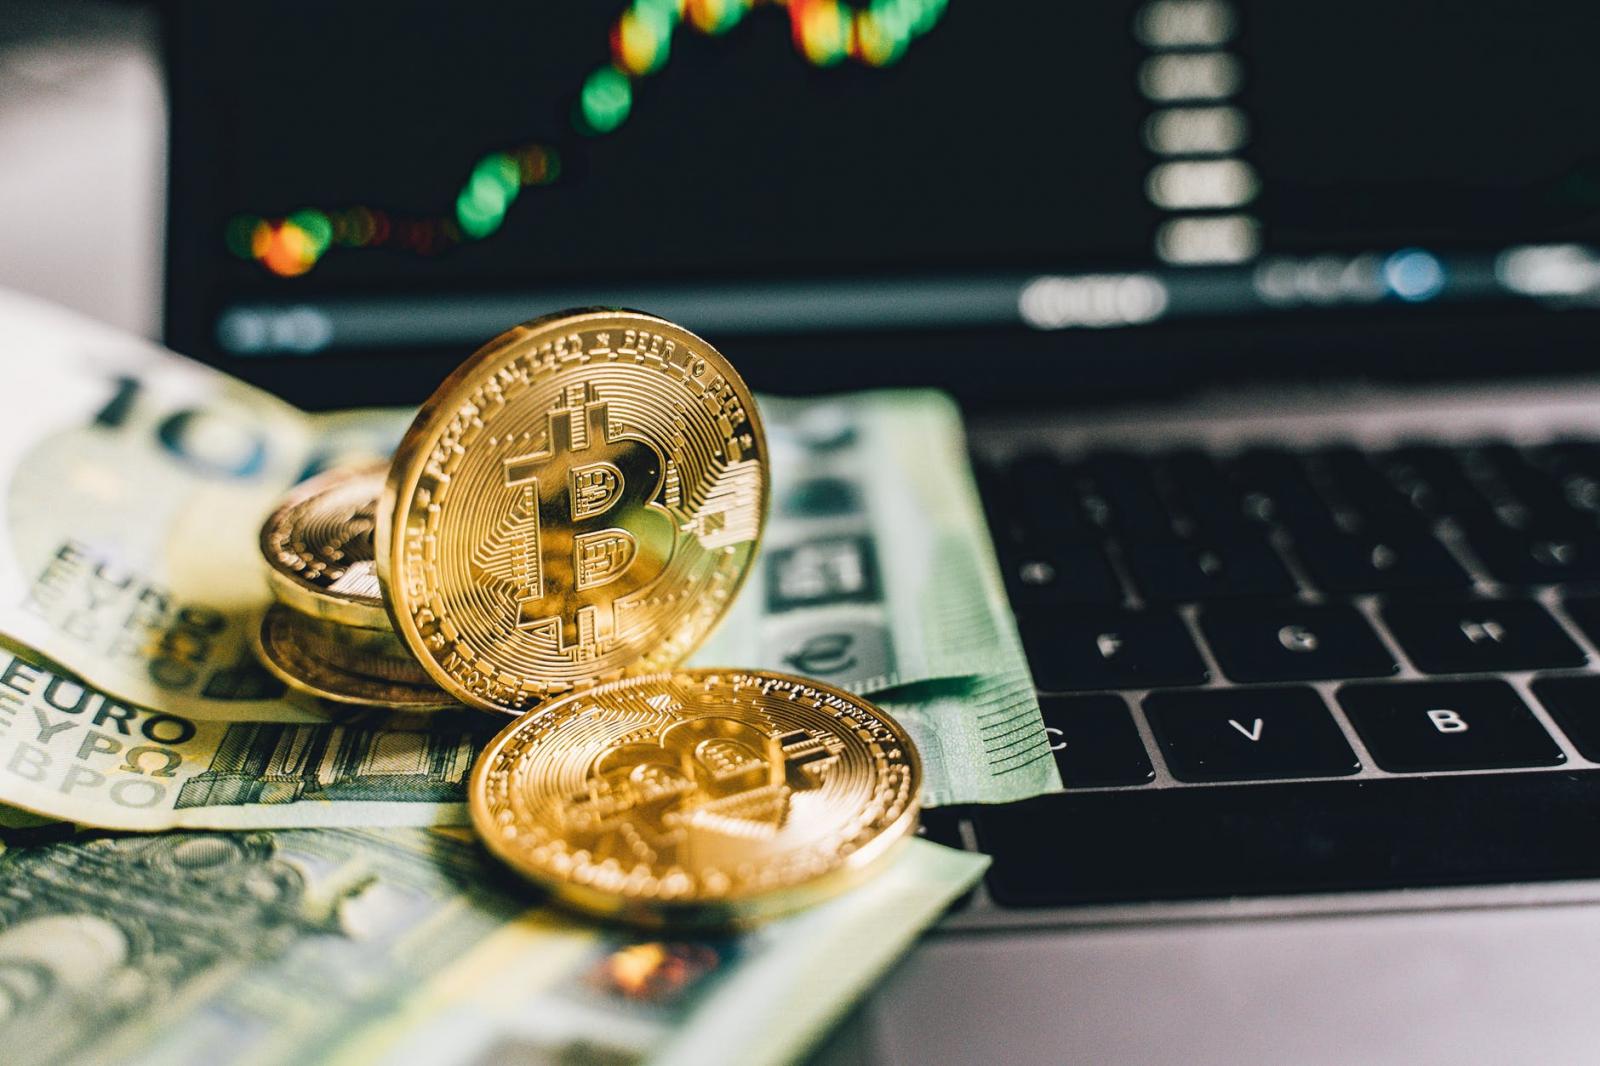 【理財專知】什麼是定期不定額投資?與定期定額差別在哪裡?